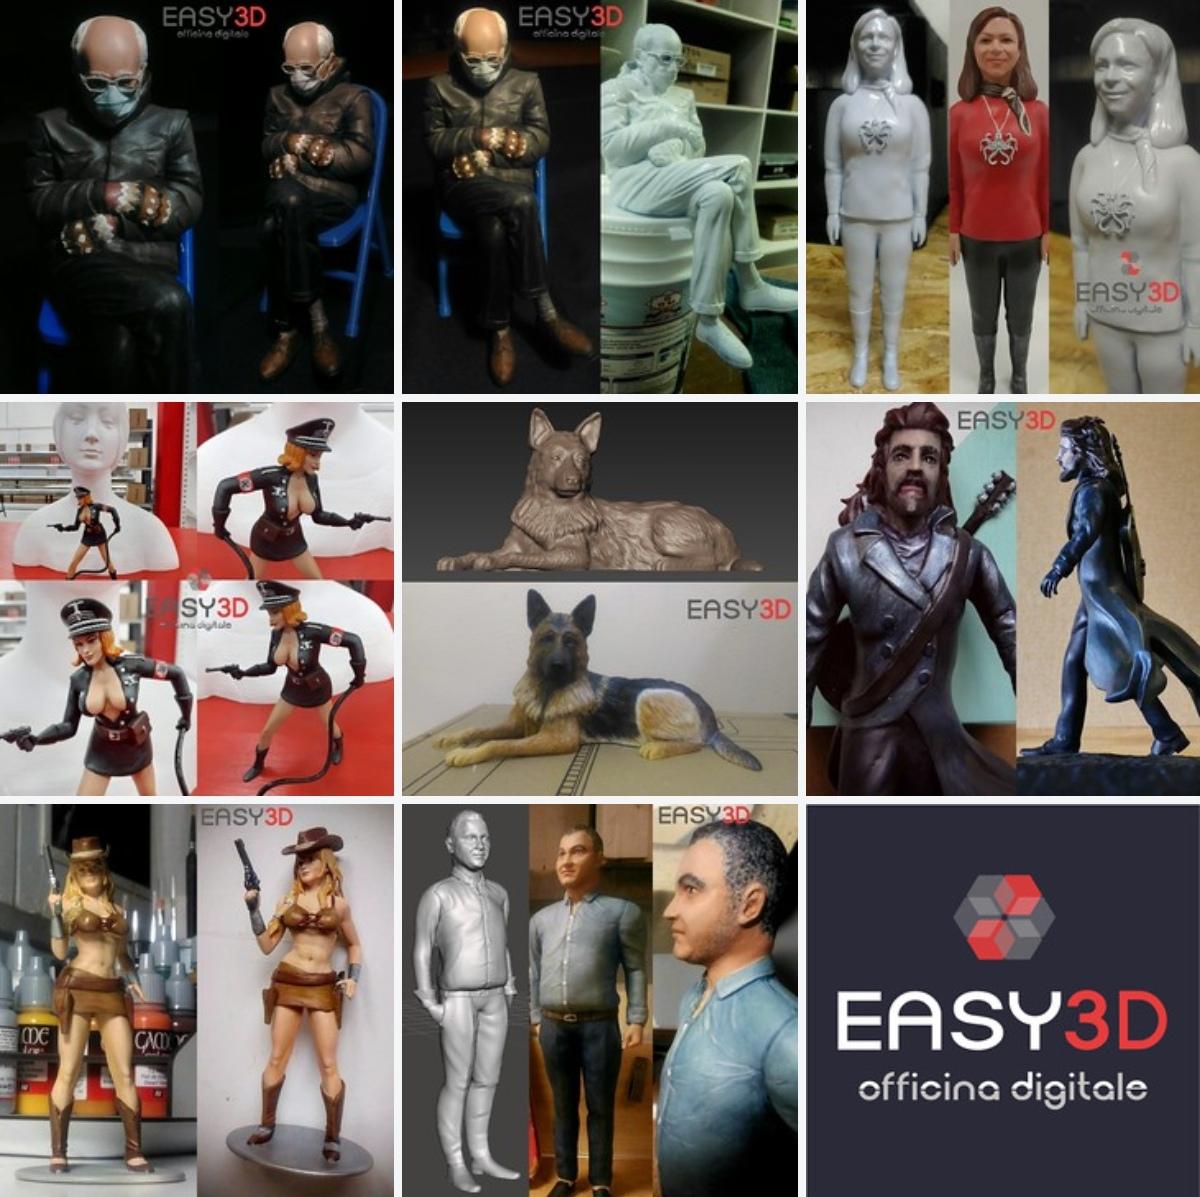 Statuine 3D ed action figure